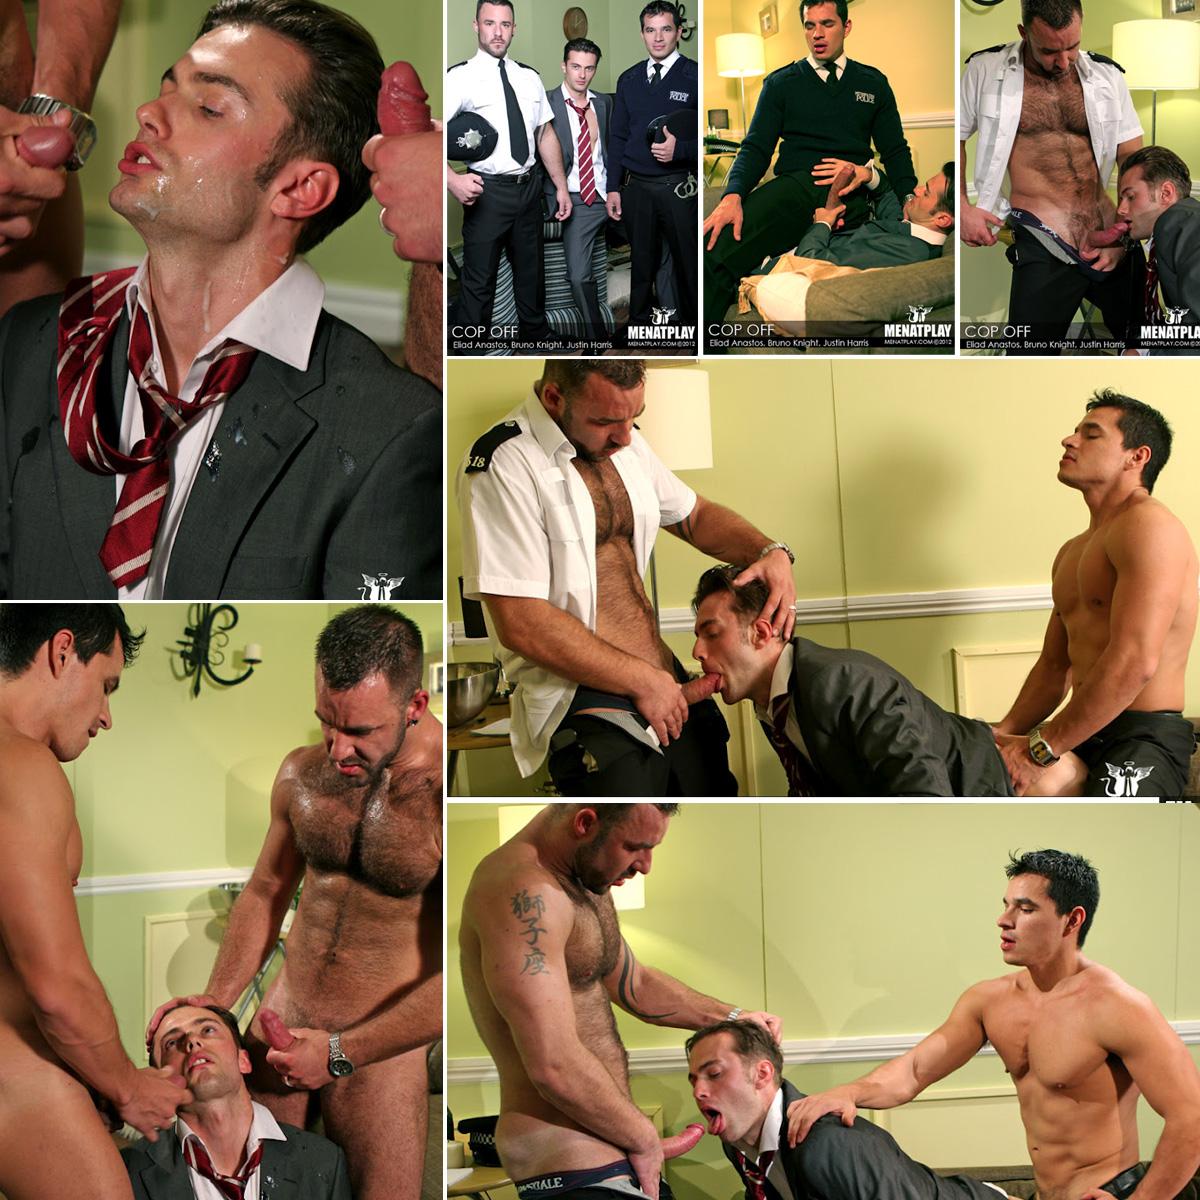 Sexo Gay Policiais traçando o rabo do putão